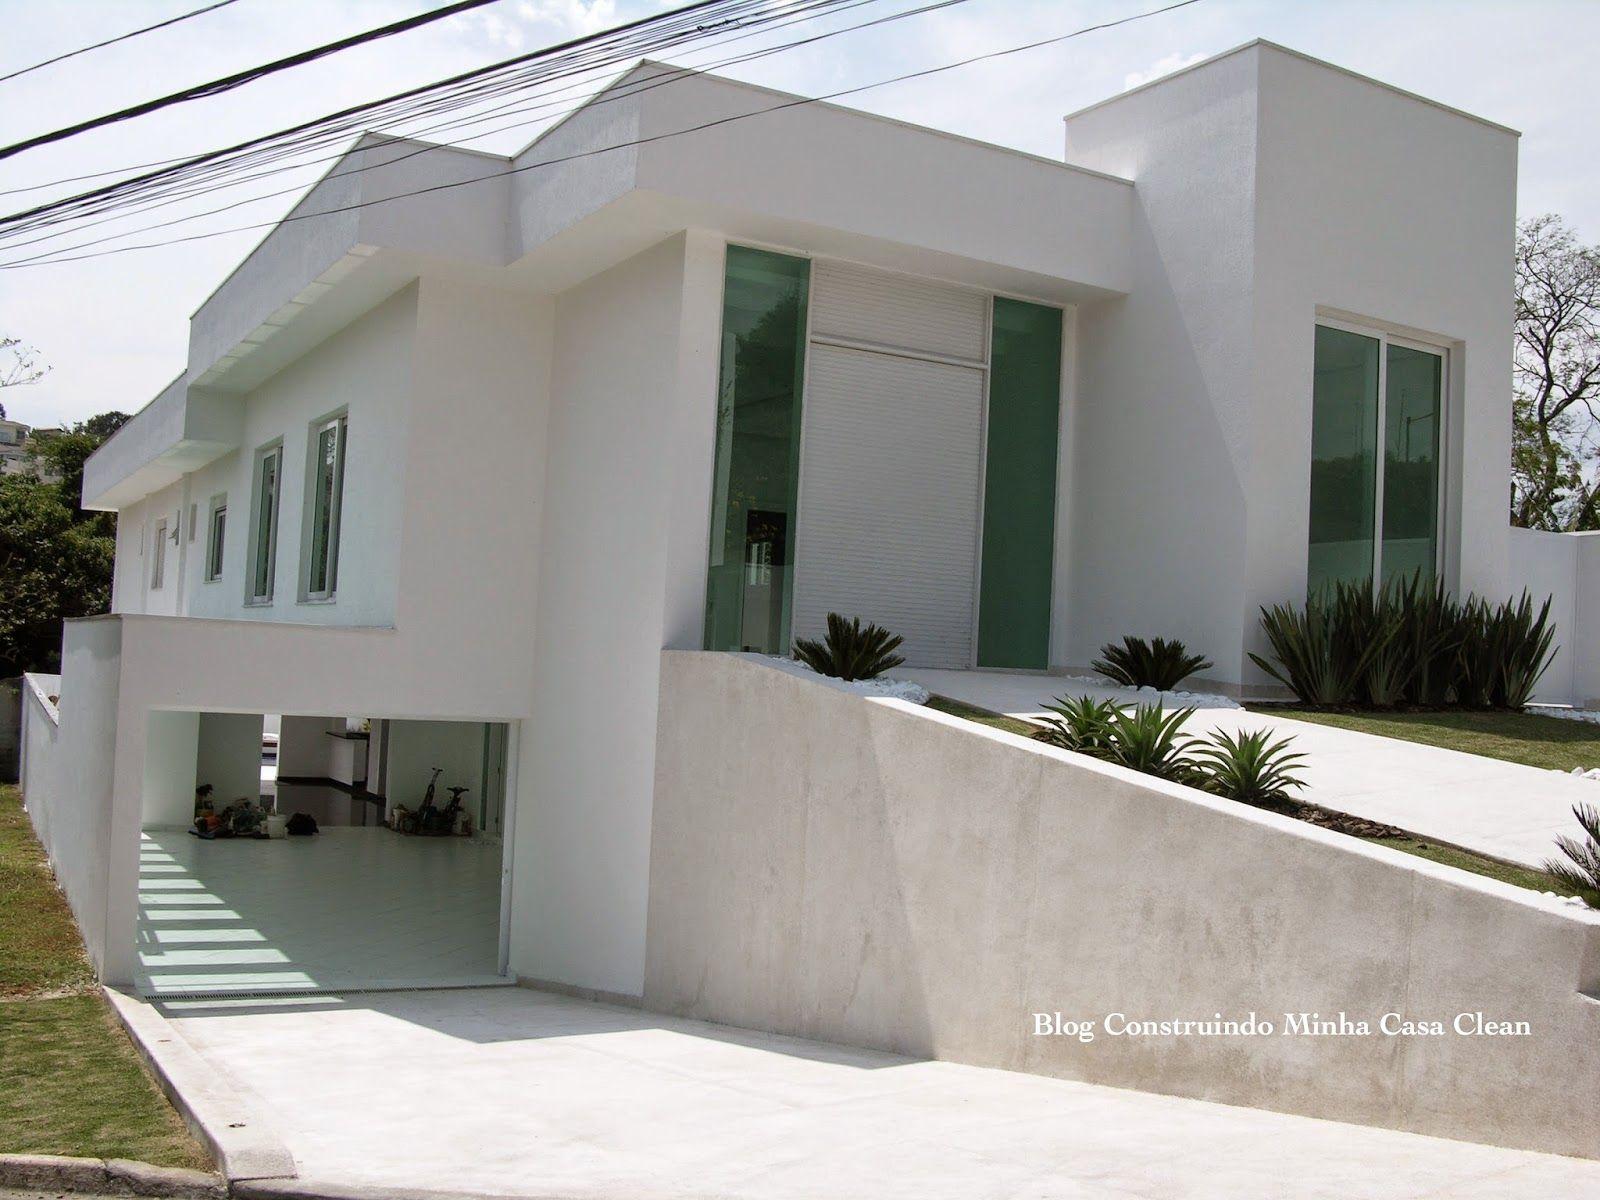 Fachadas de casas em terrenos em declive como construir for Fachadas de casas modernas